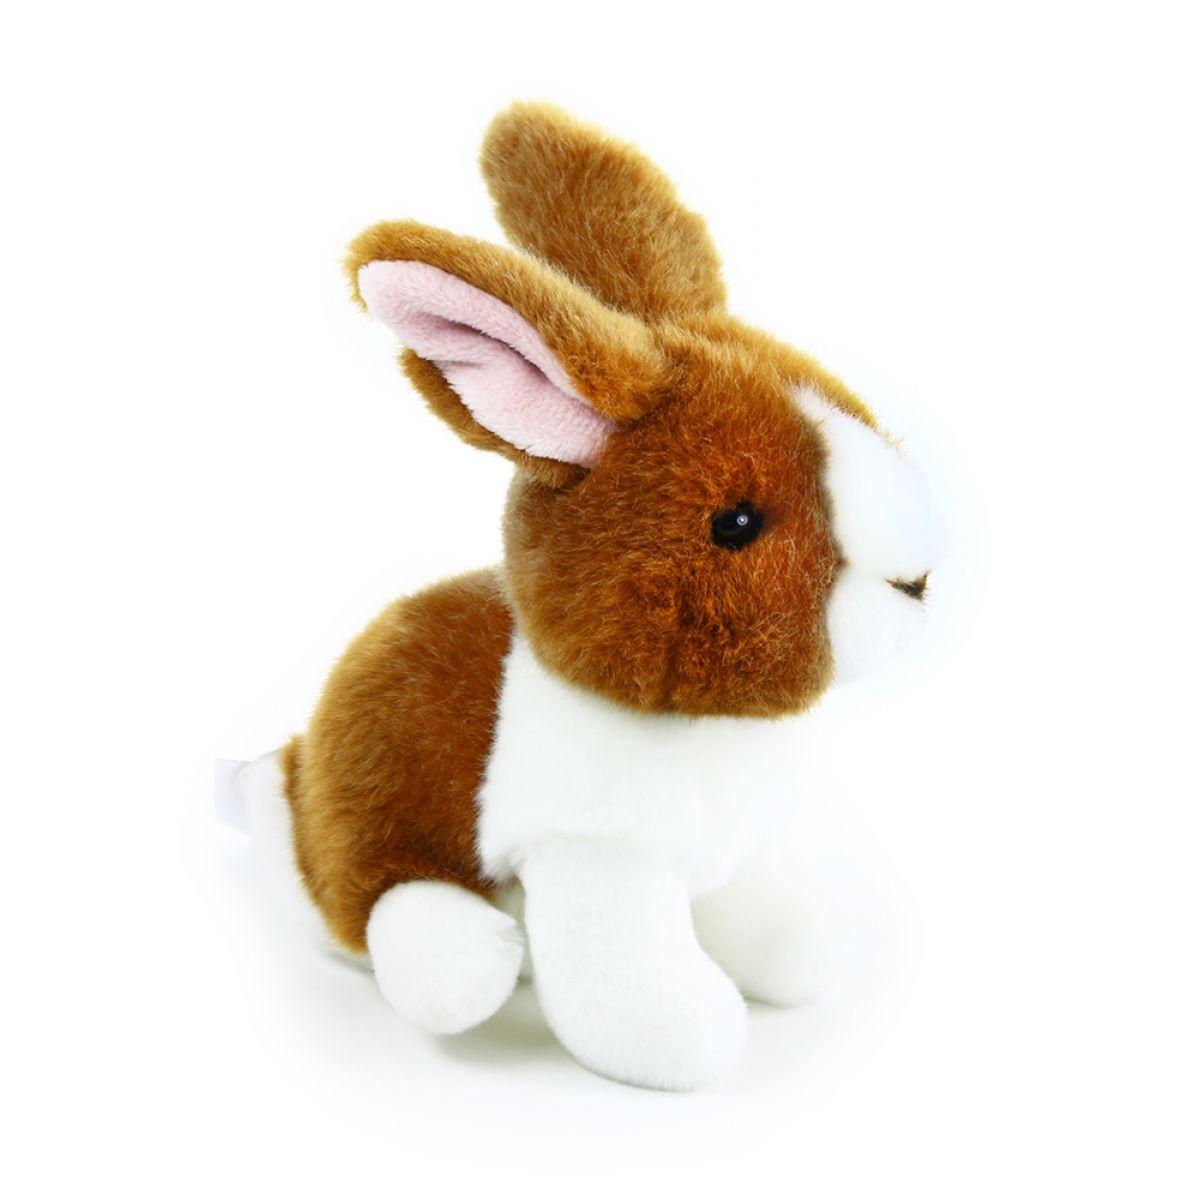 Rappa plyšový králik 16 cm Hnedo - biely